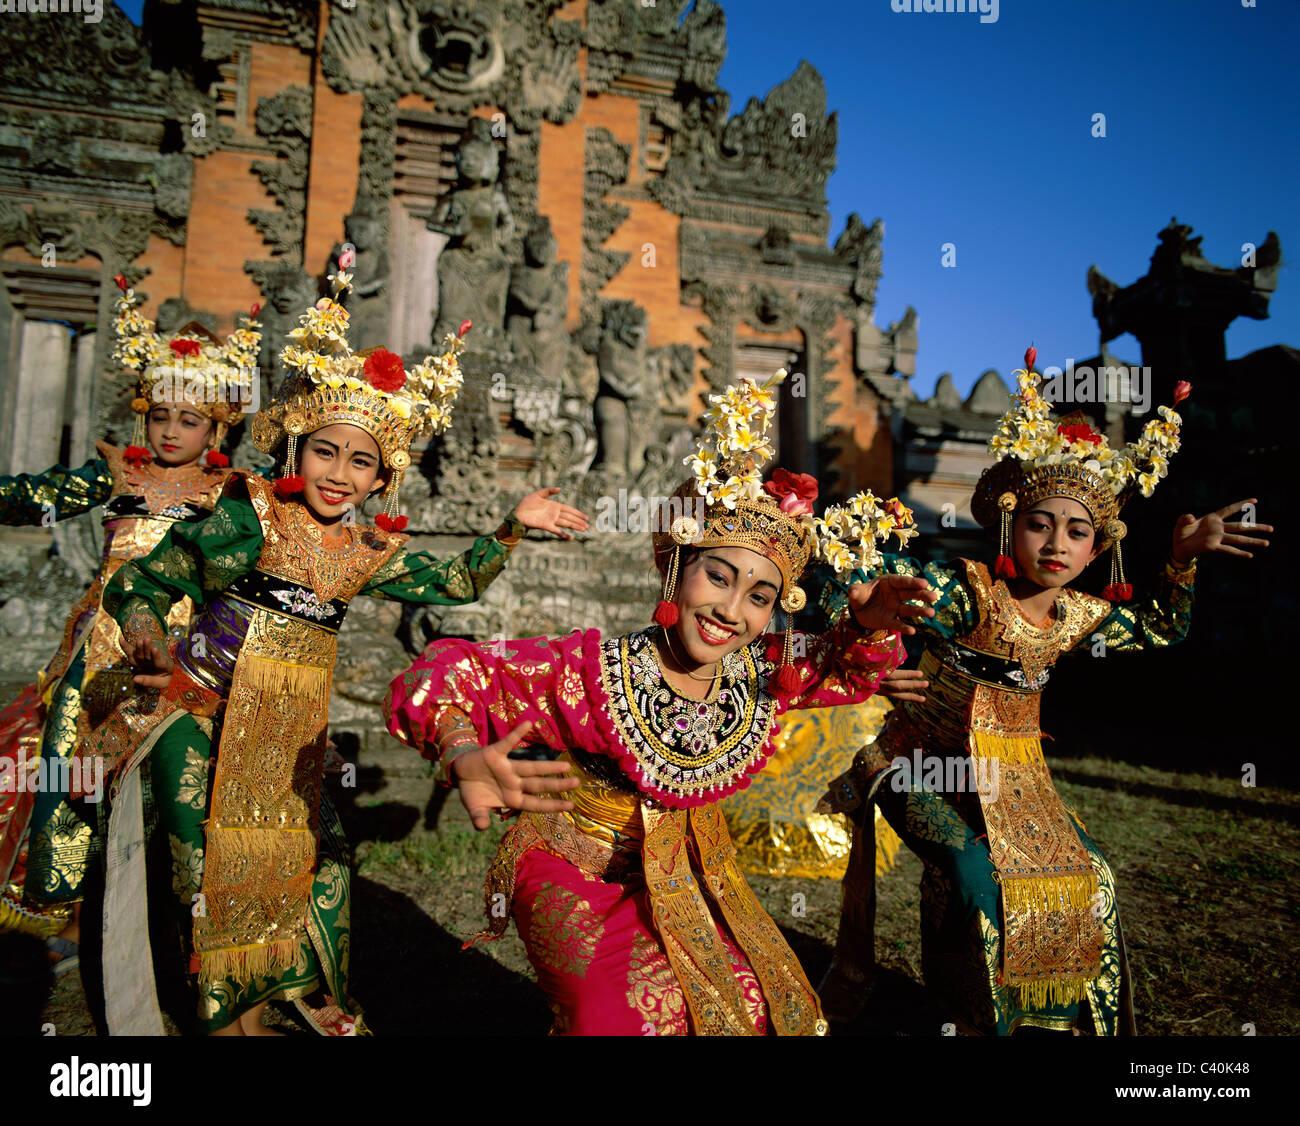 Bali Asia Balinese Costumes Dance Dancers Dancing Elaborate